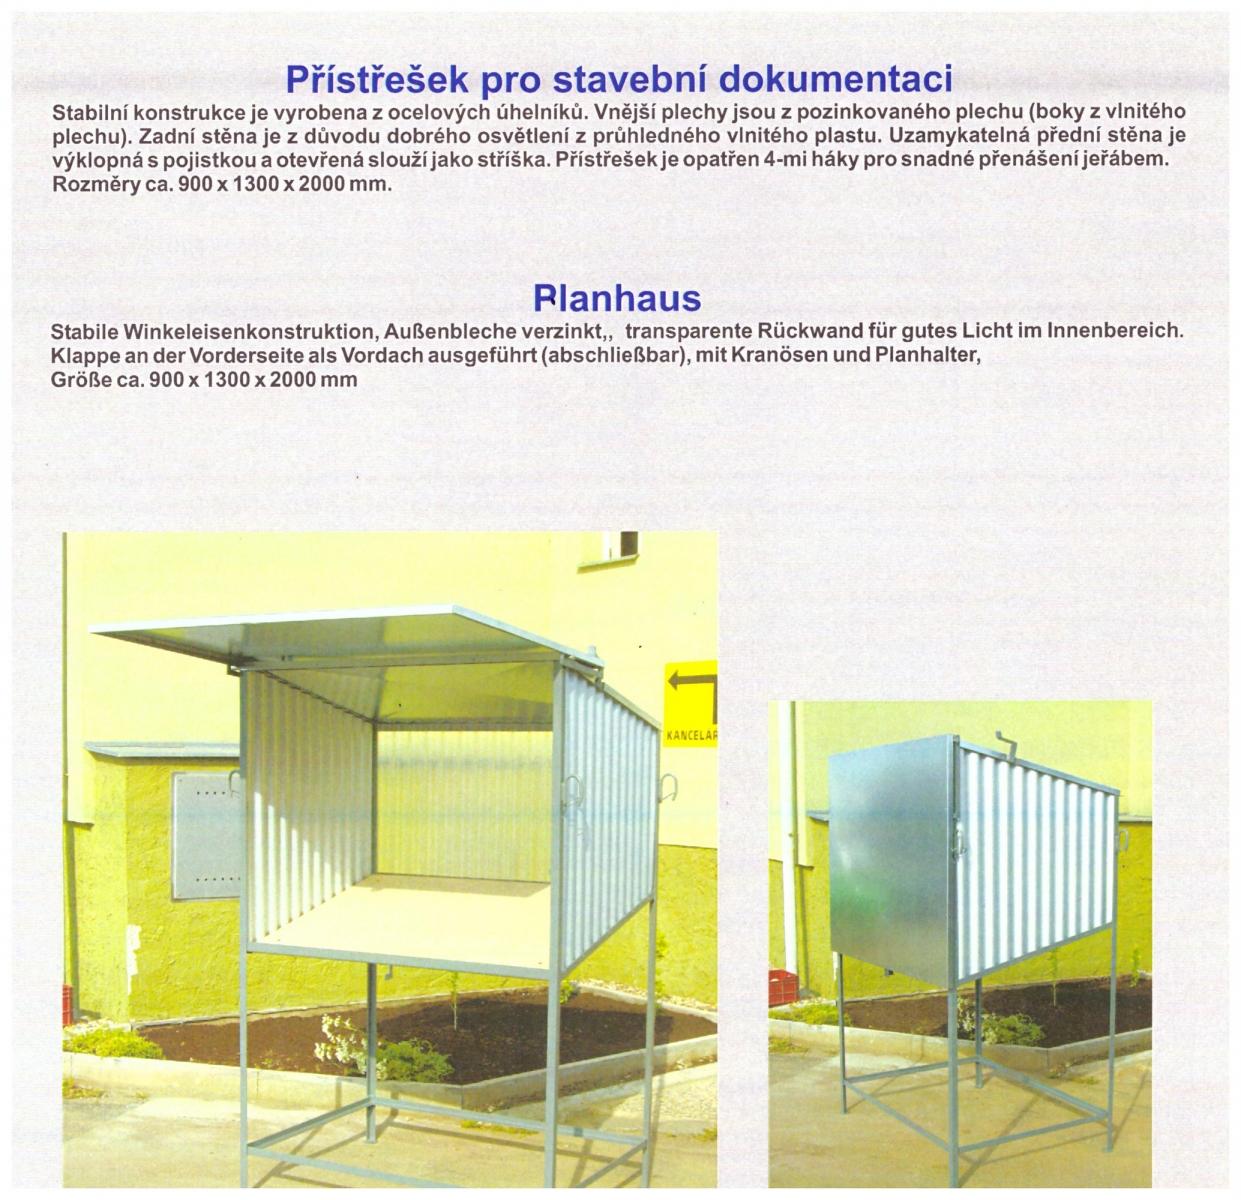 Planhaus